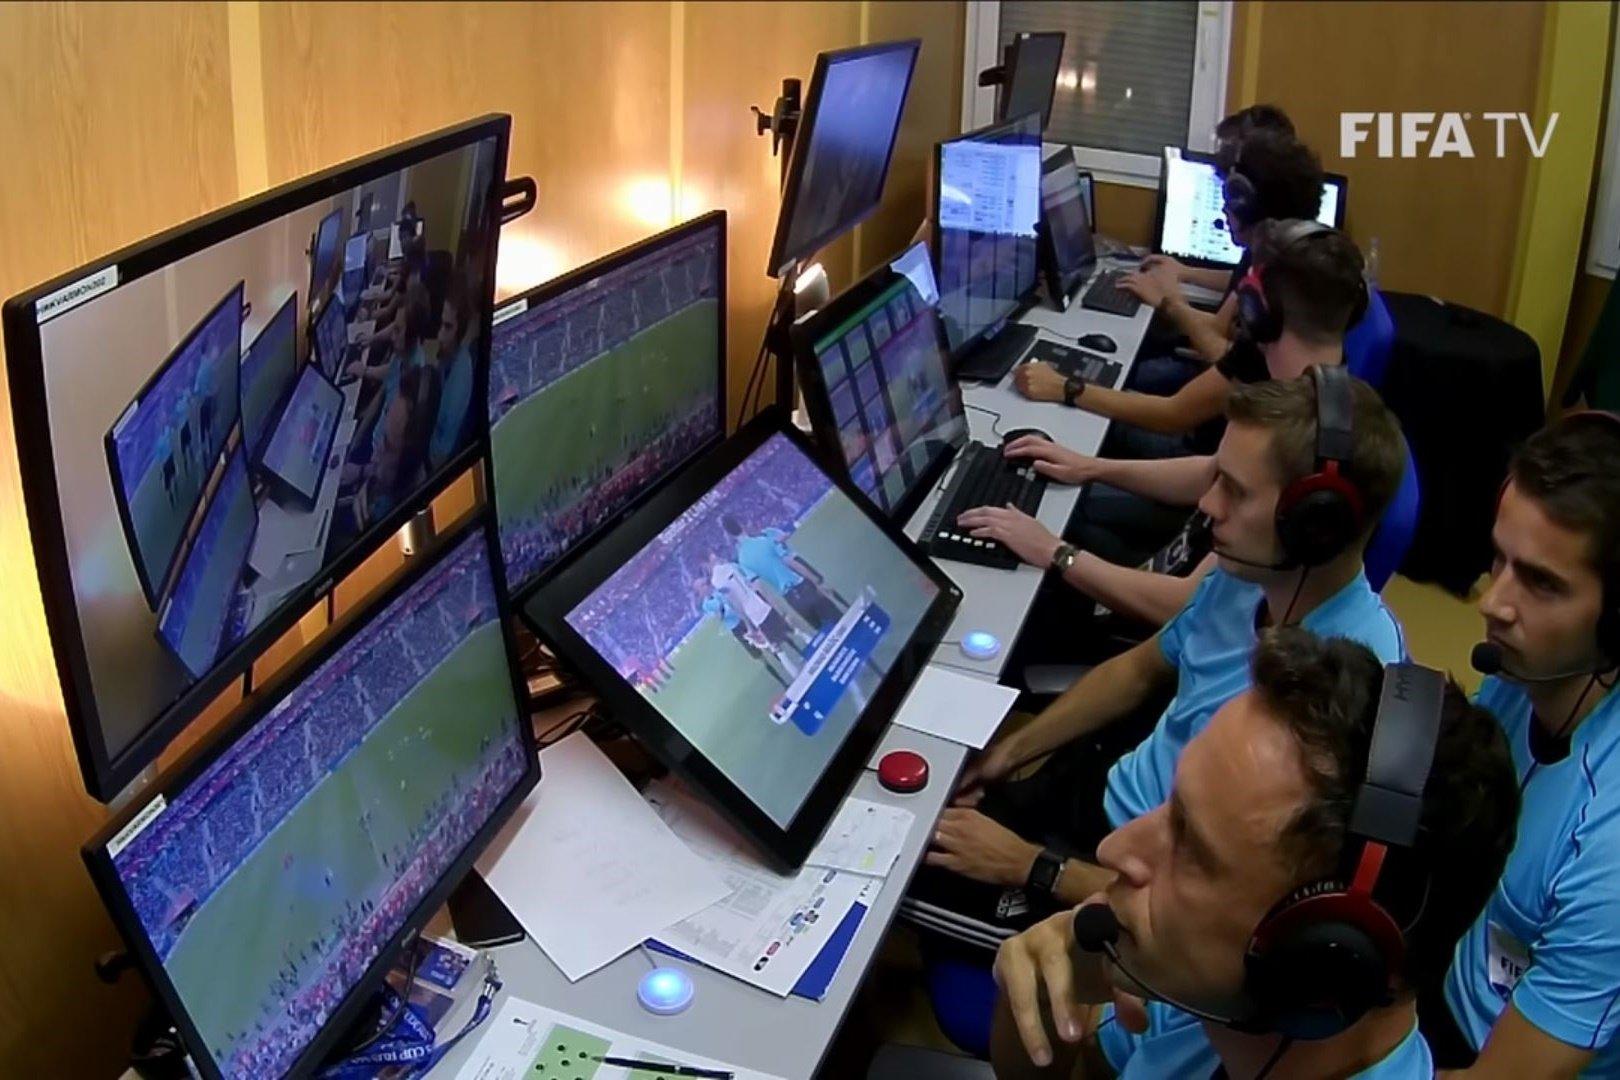 f606c9a0c9e Conheça o relógio inteligente usado pelos árbitros na Copa do Mundo - Mega  Curioso